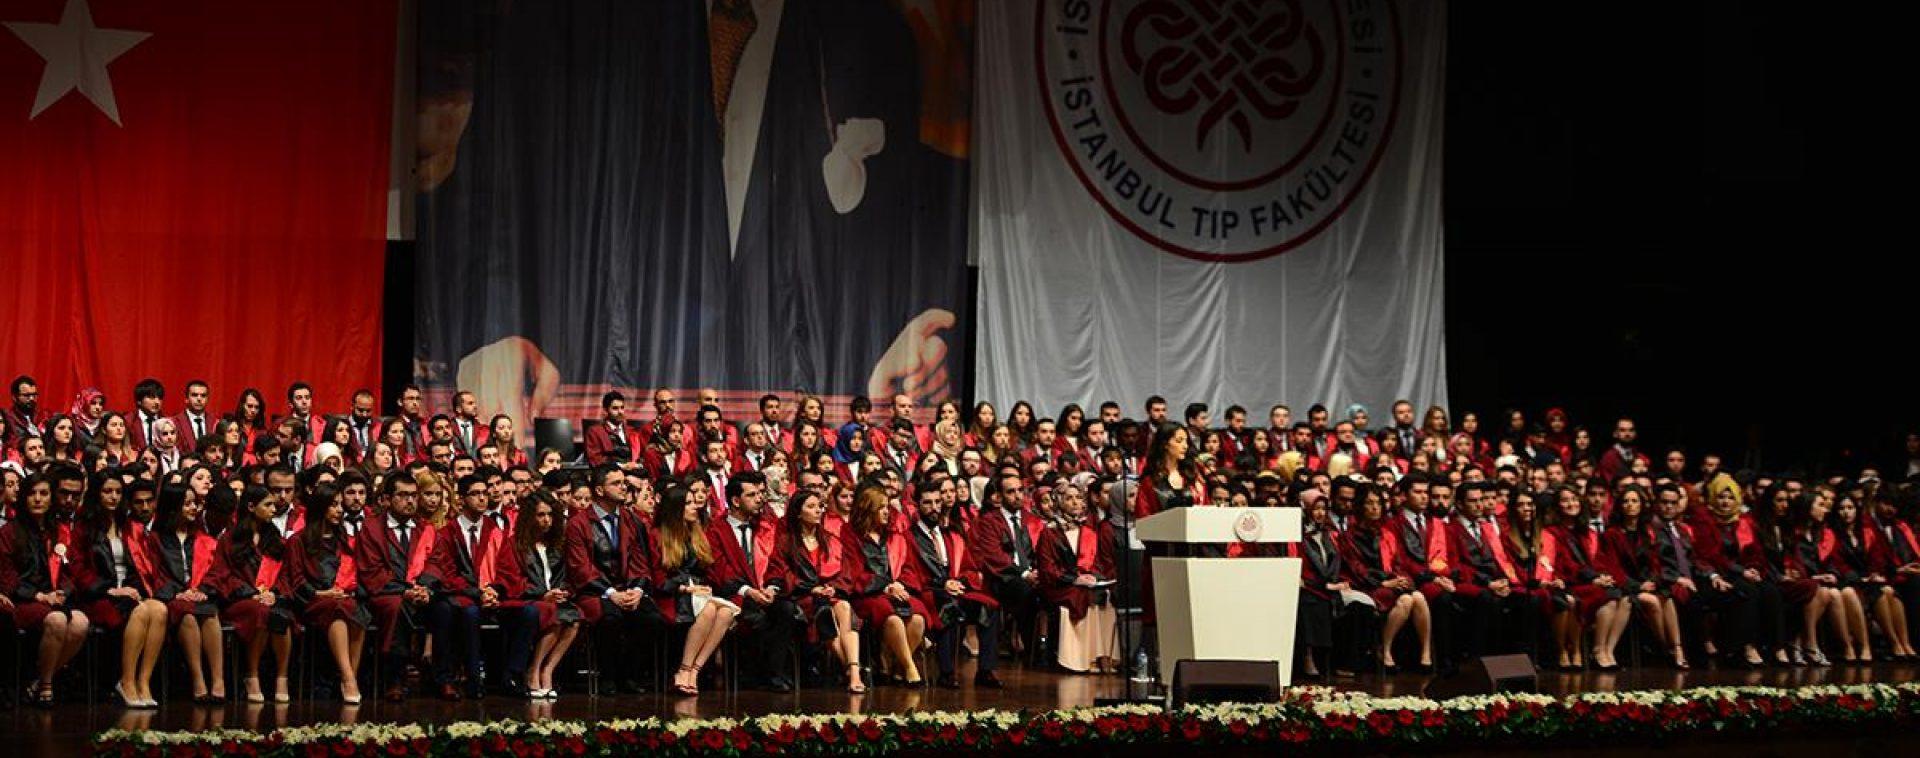 İÜ. İstanbul Tıp Fakültesi